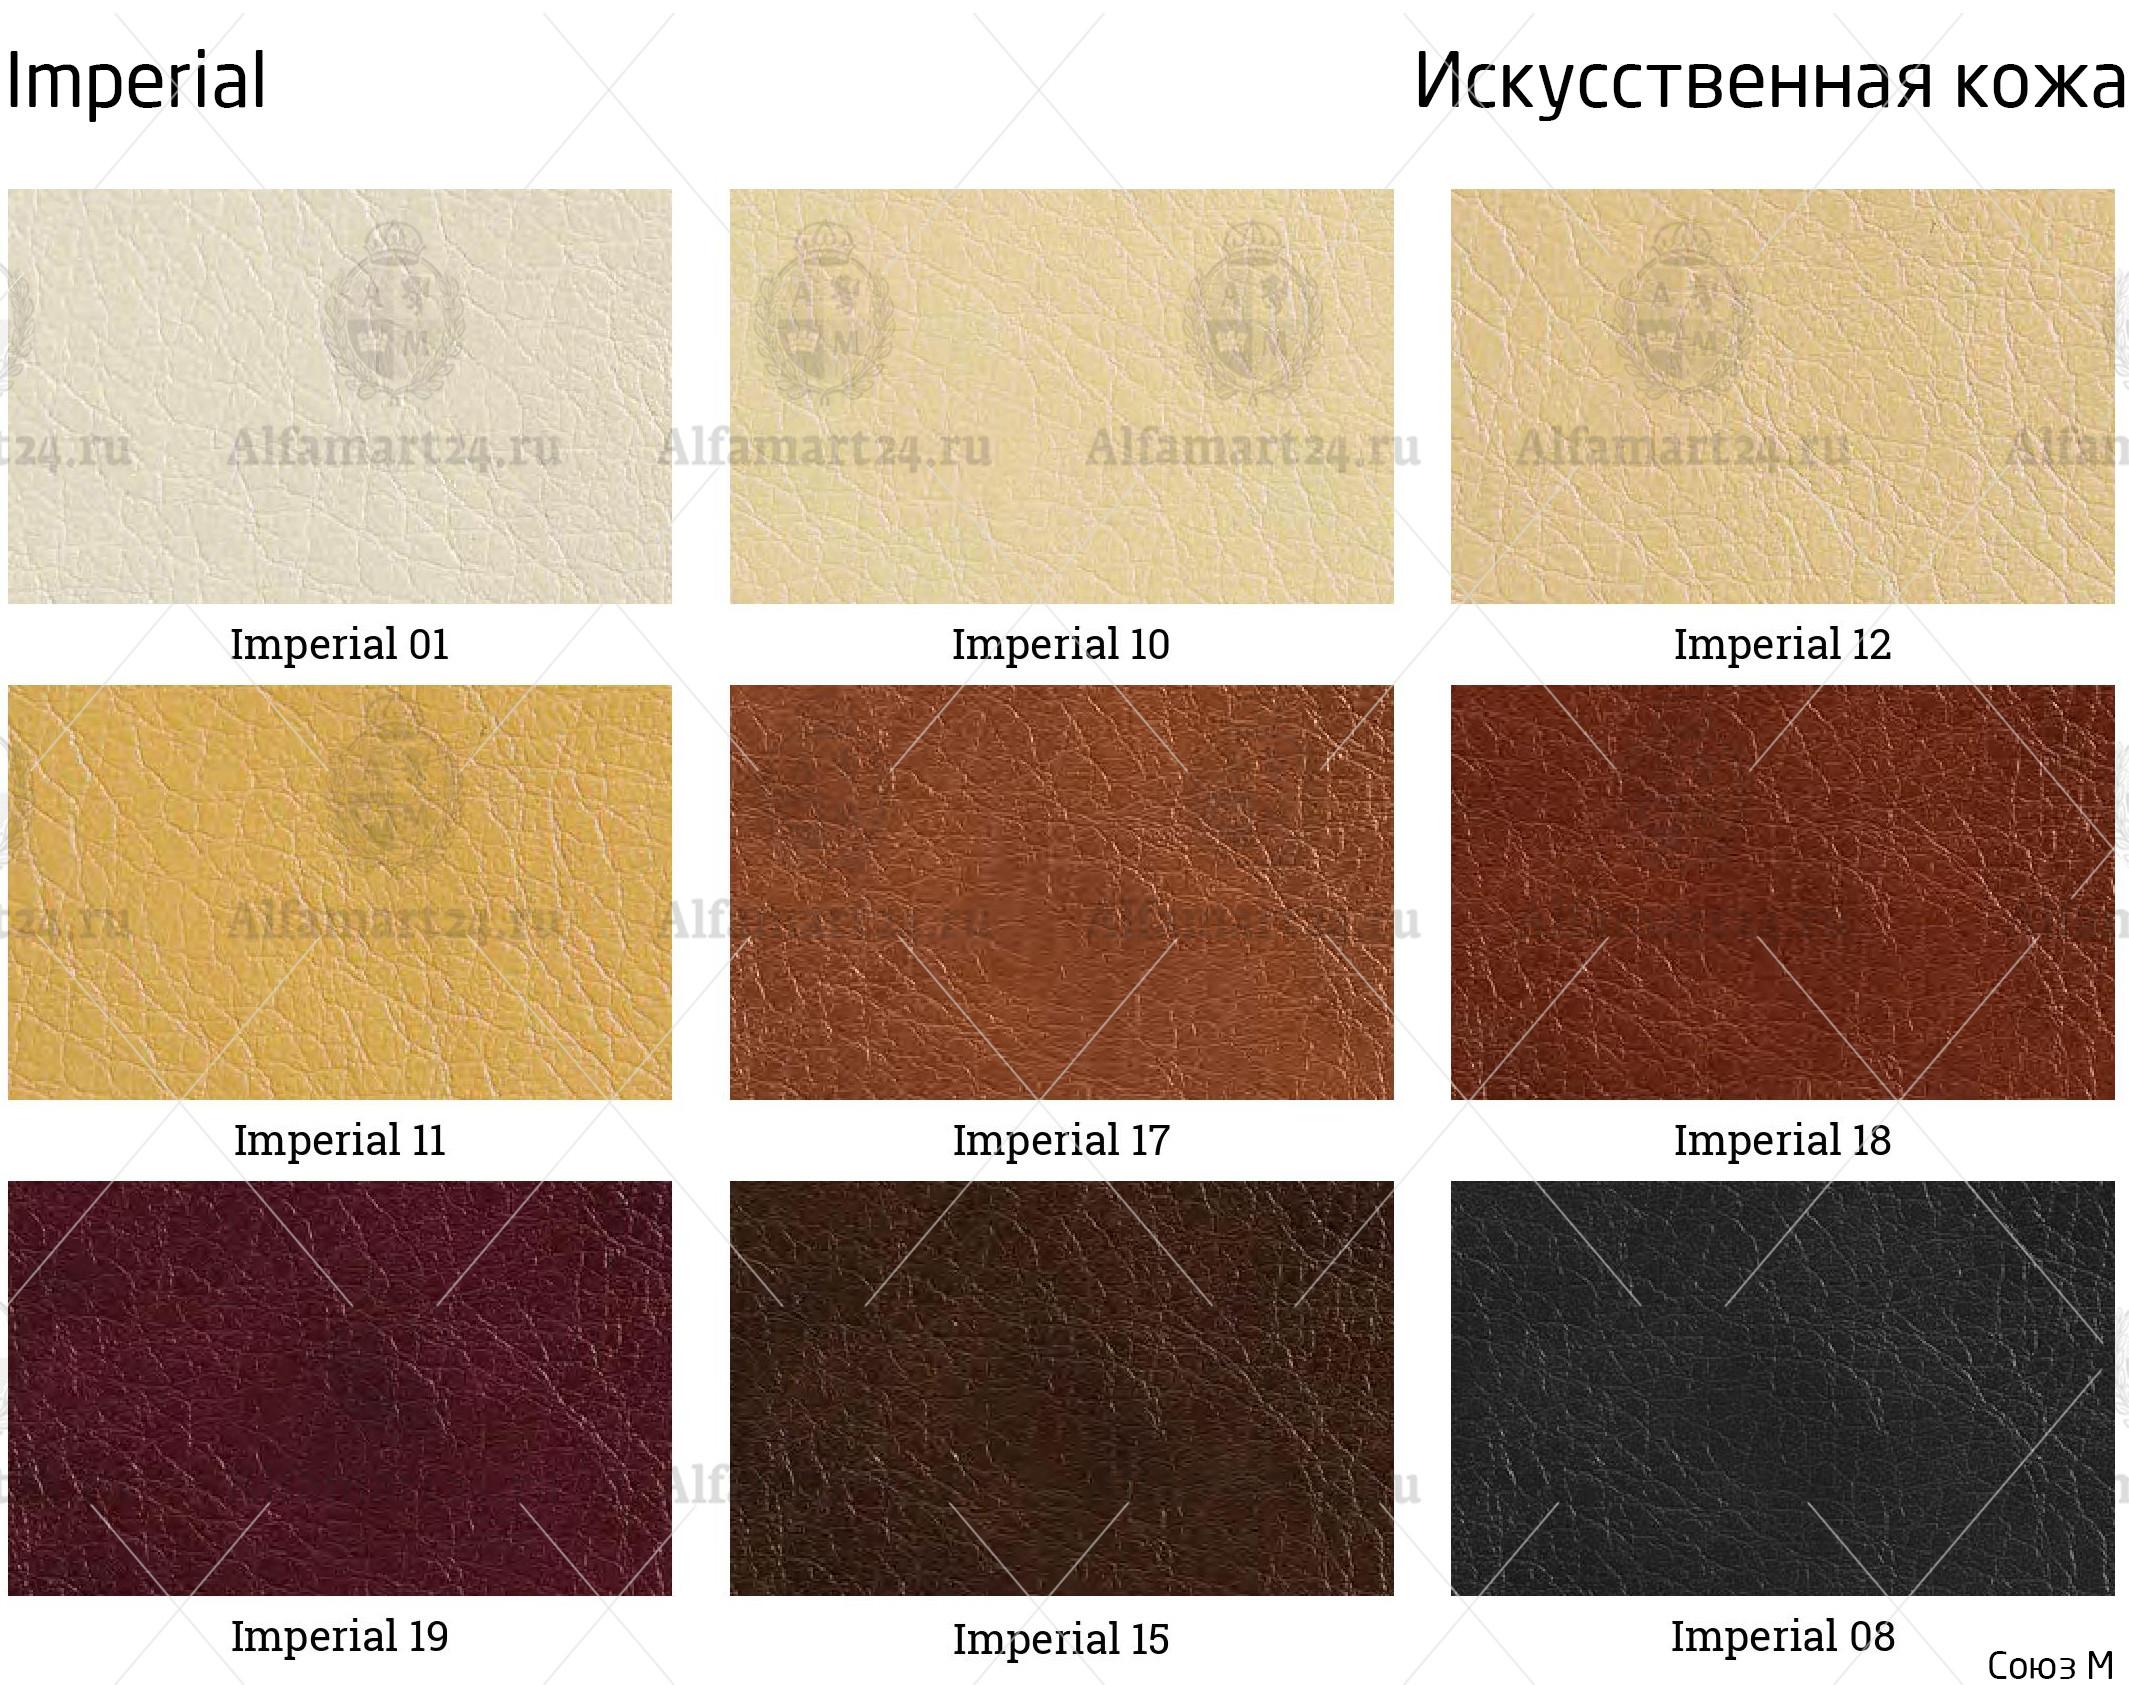 Империал (искусственная кожа) Союз М